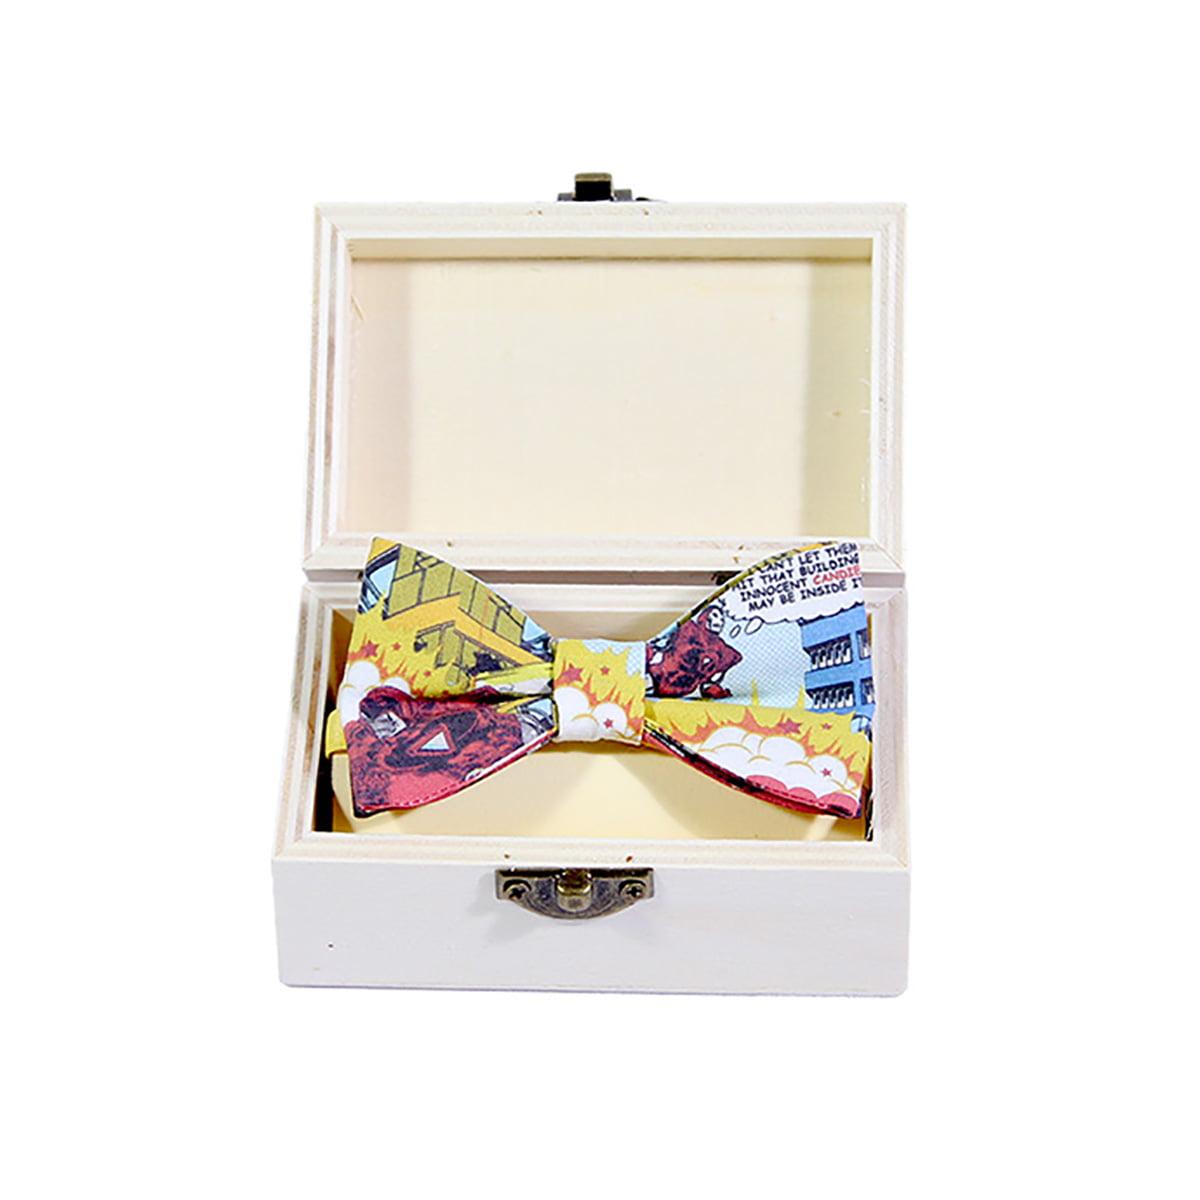 Saving candies leptir mašna u drvenoj kutiji